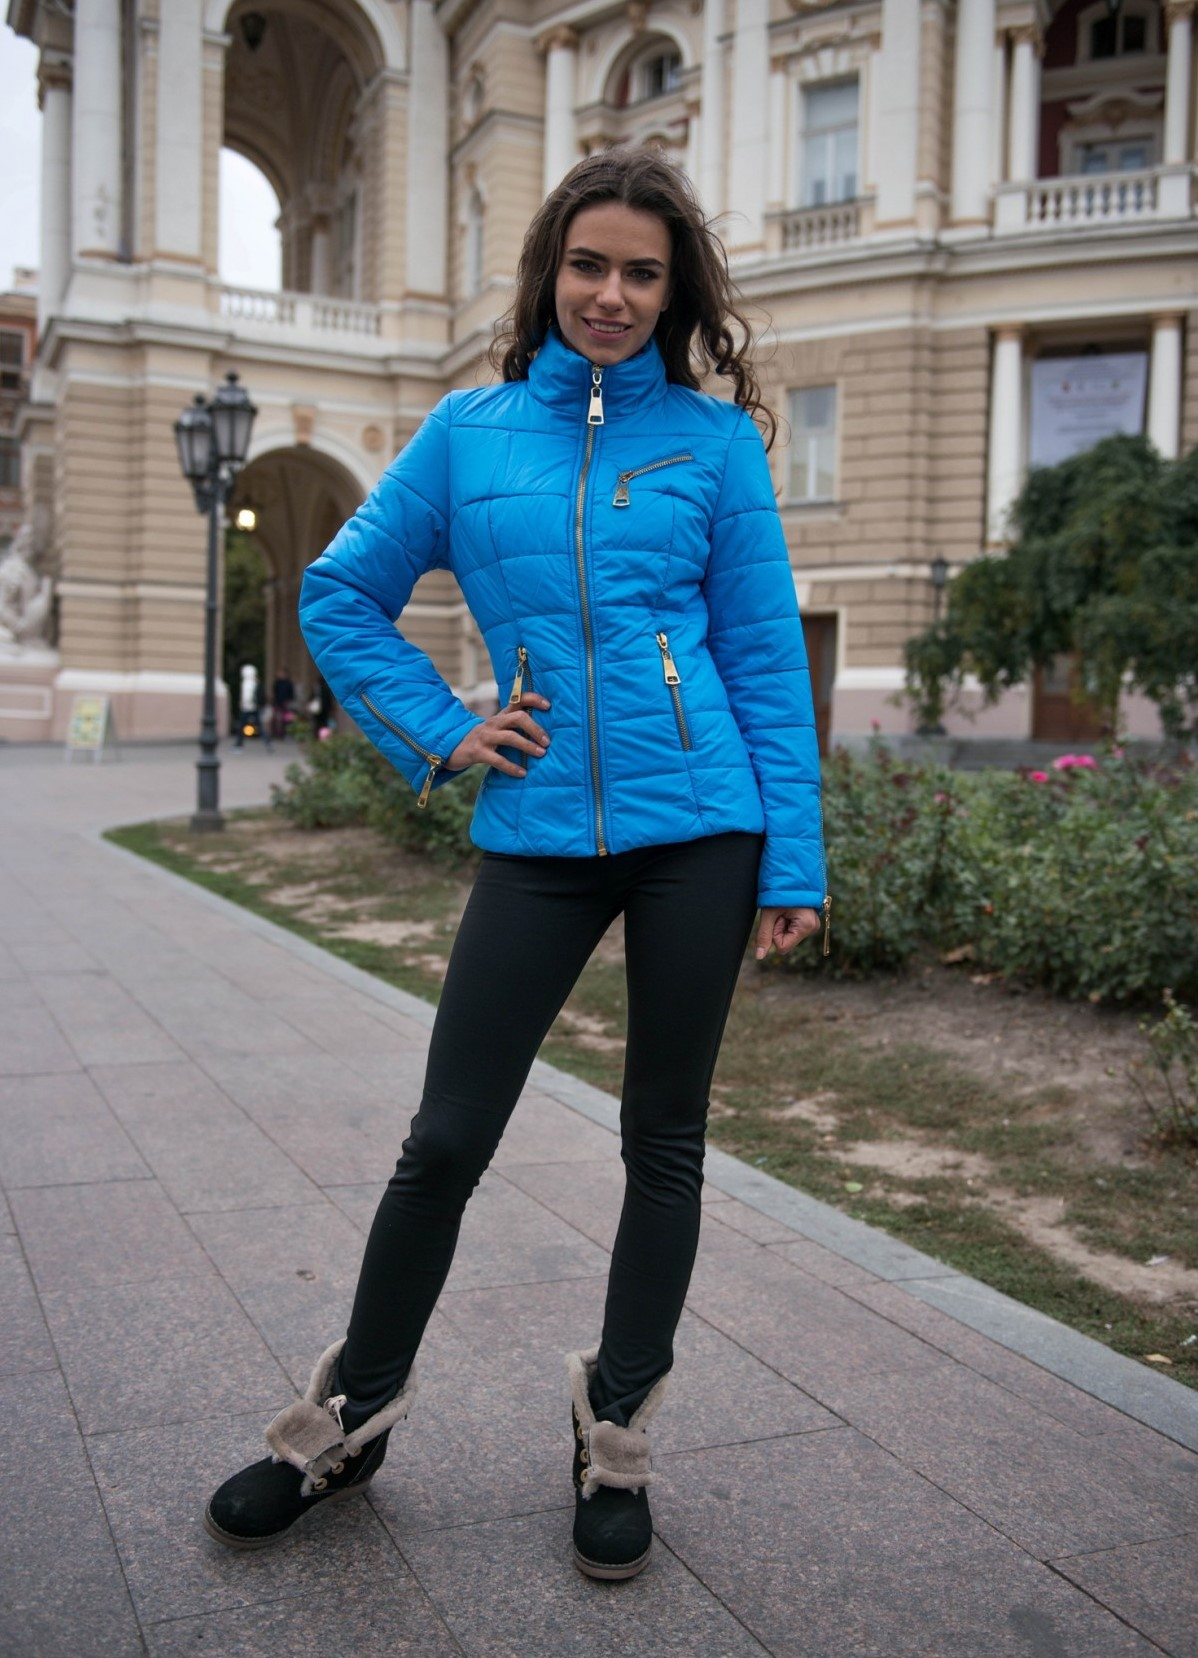 фотография голубая куртка с чем носить фото только принять запрос